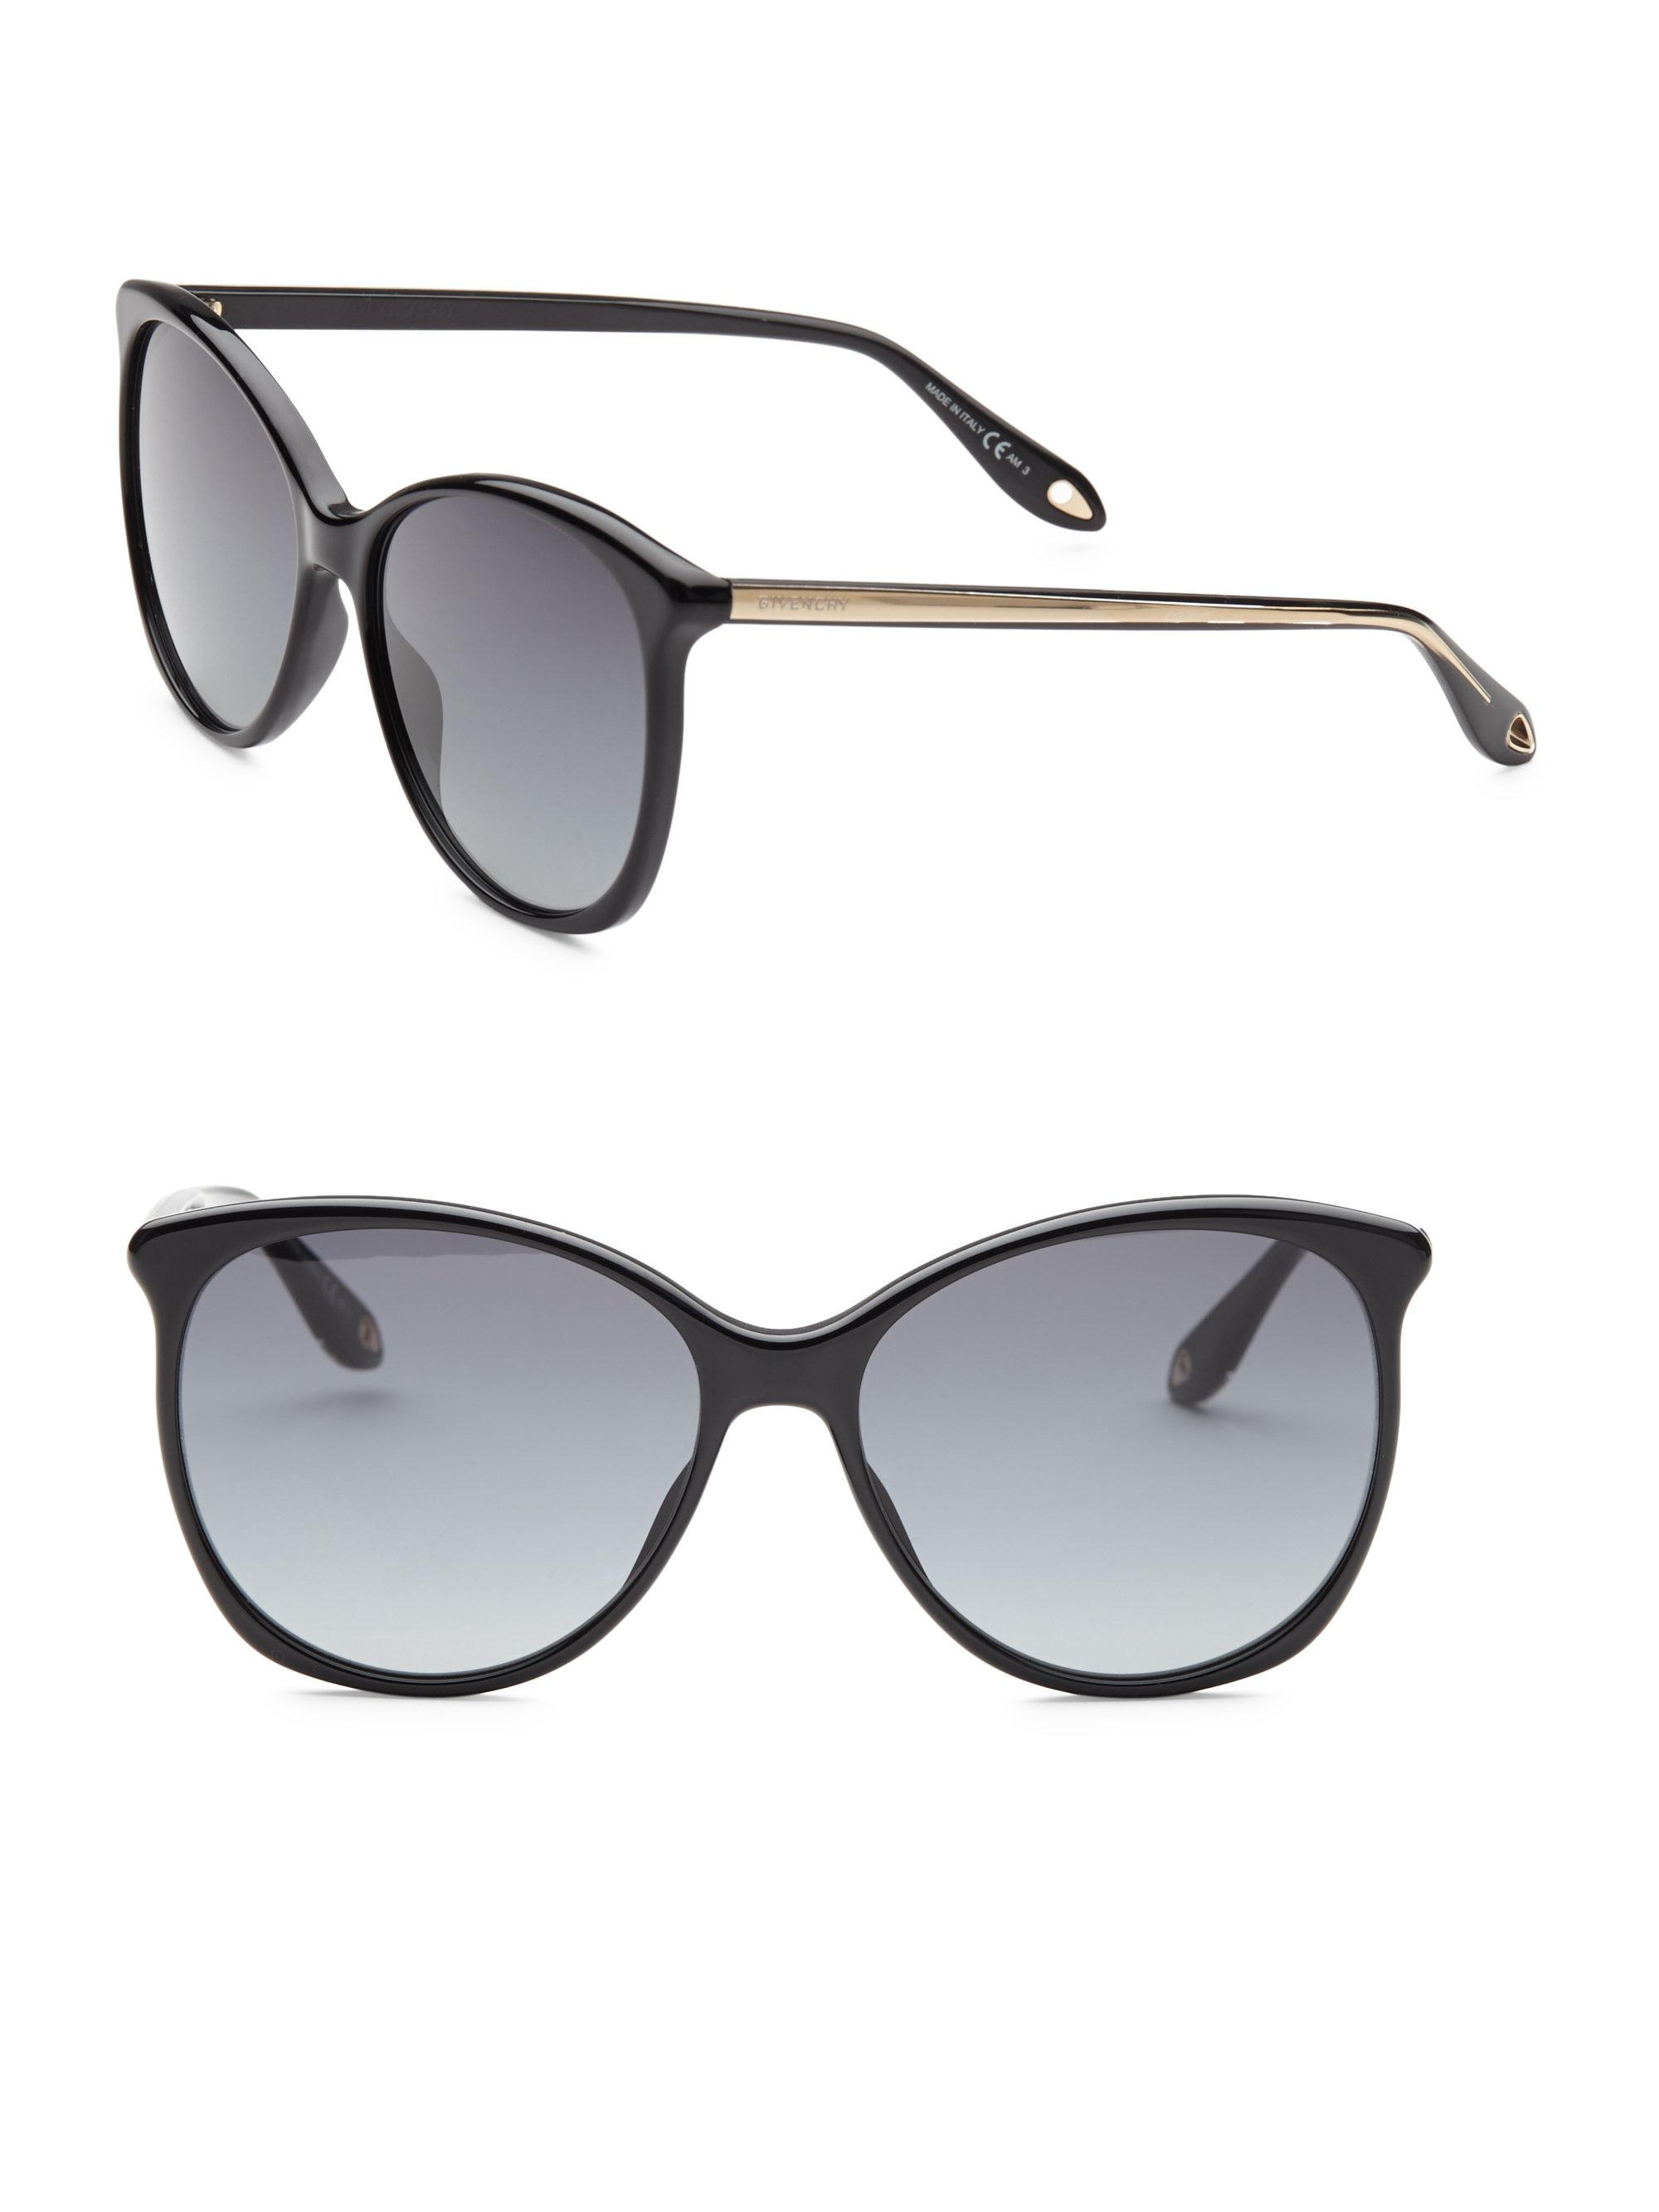 dd66c852c99 Givenchy 58mm Cat Eye Sunglasses in Black - Lyst